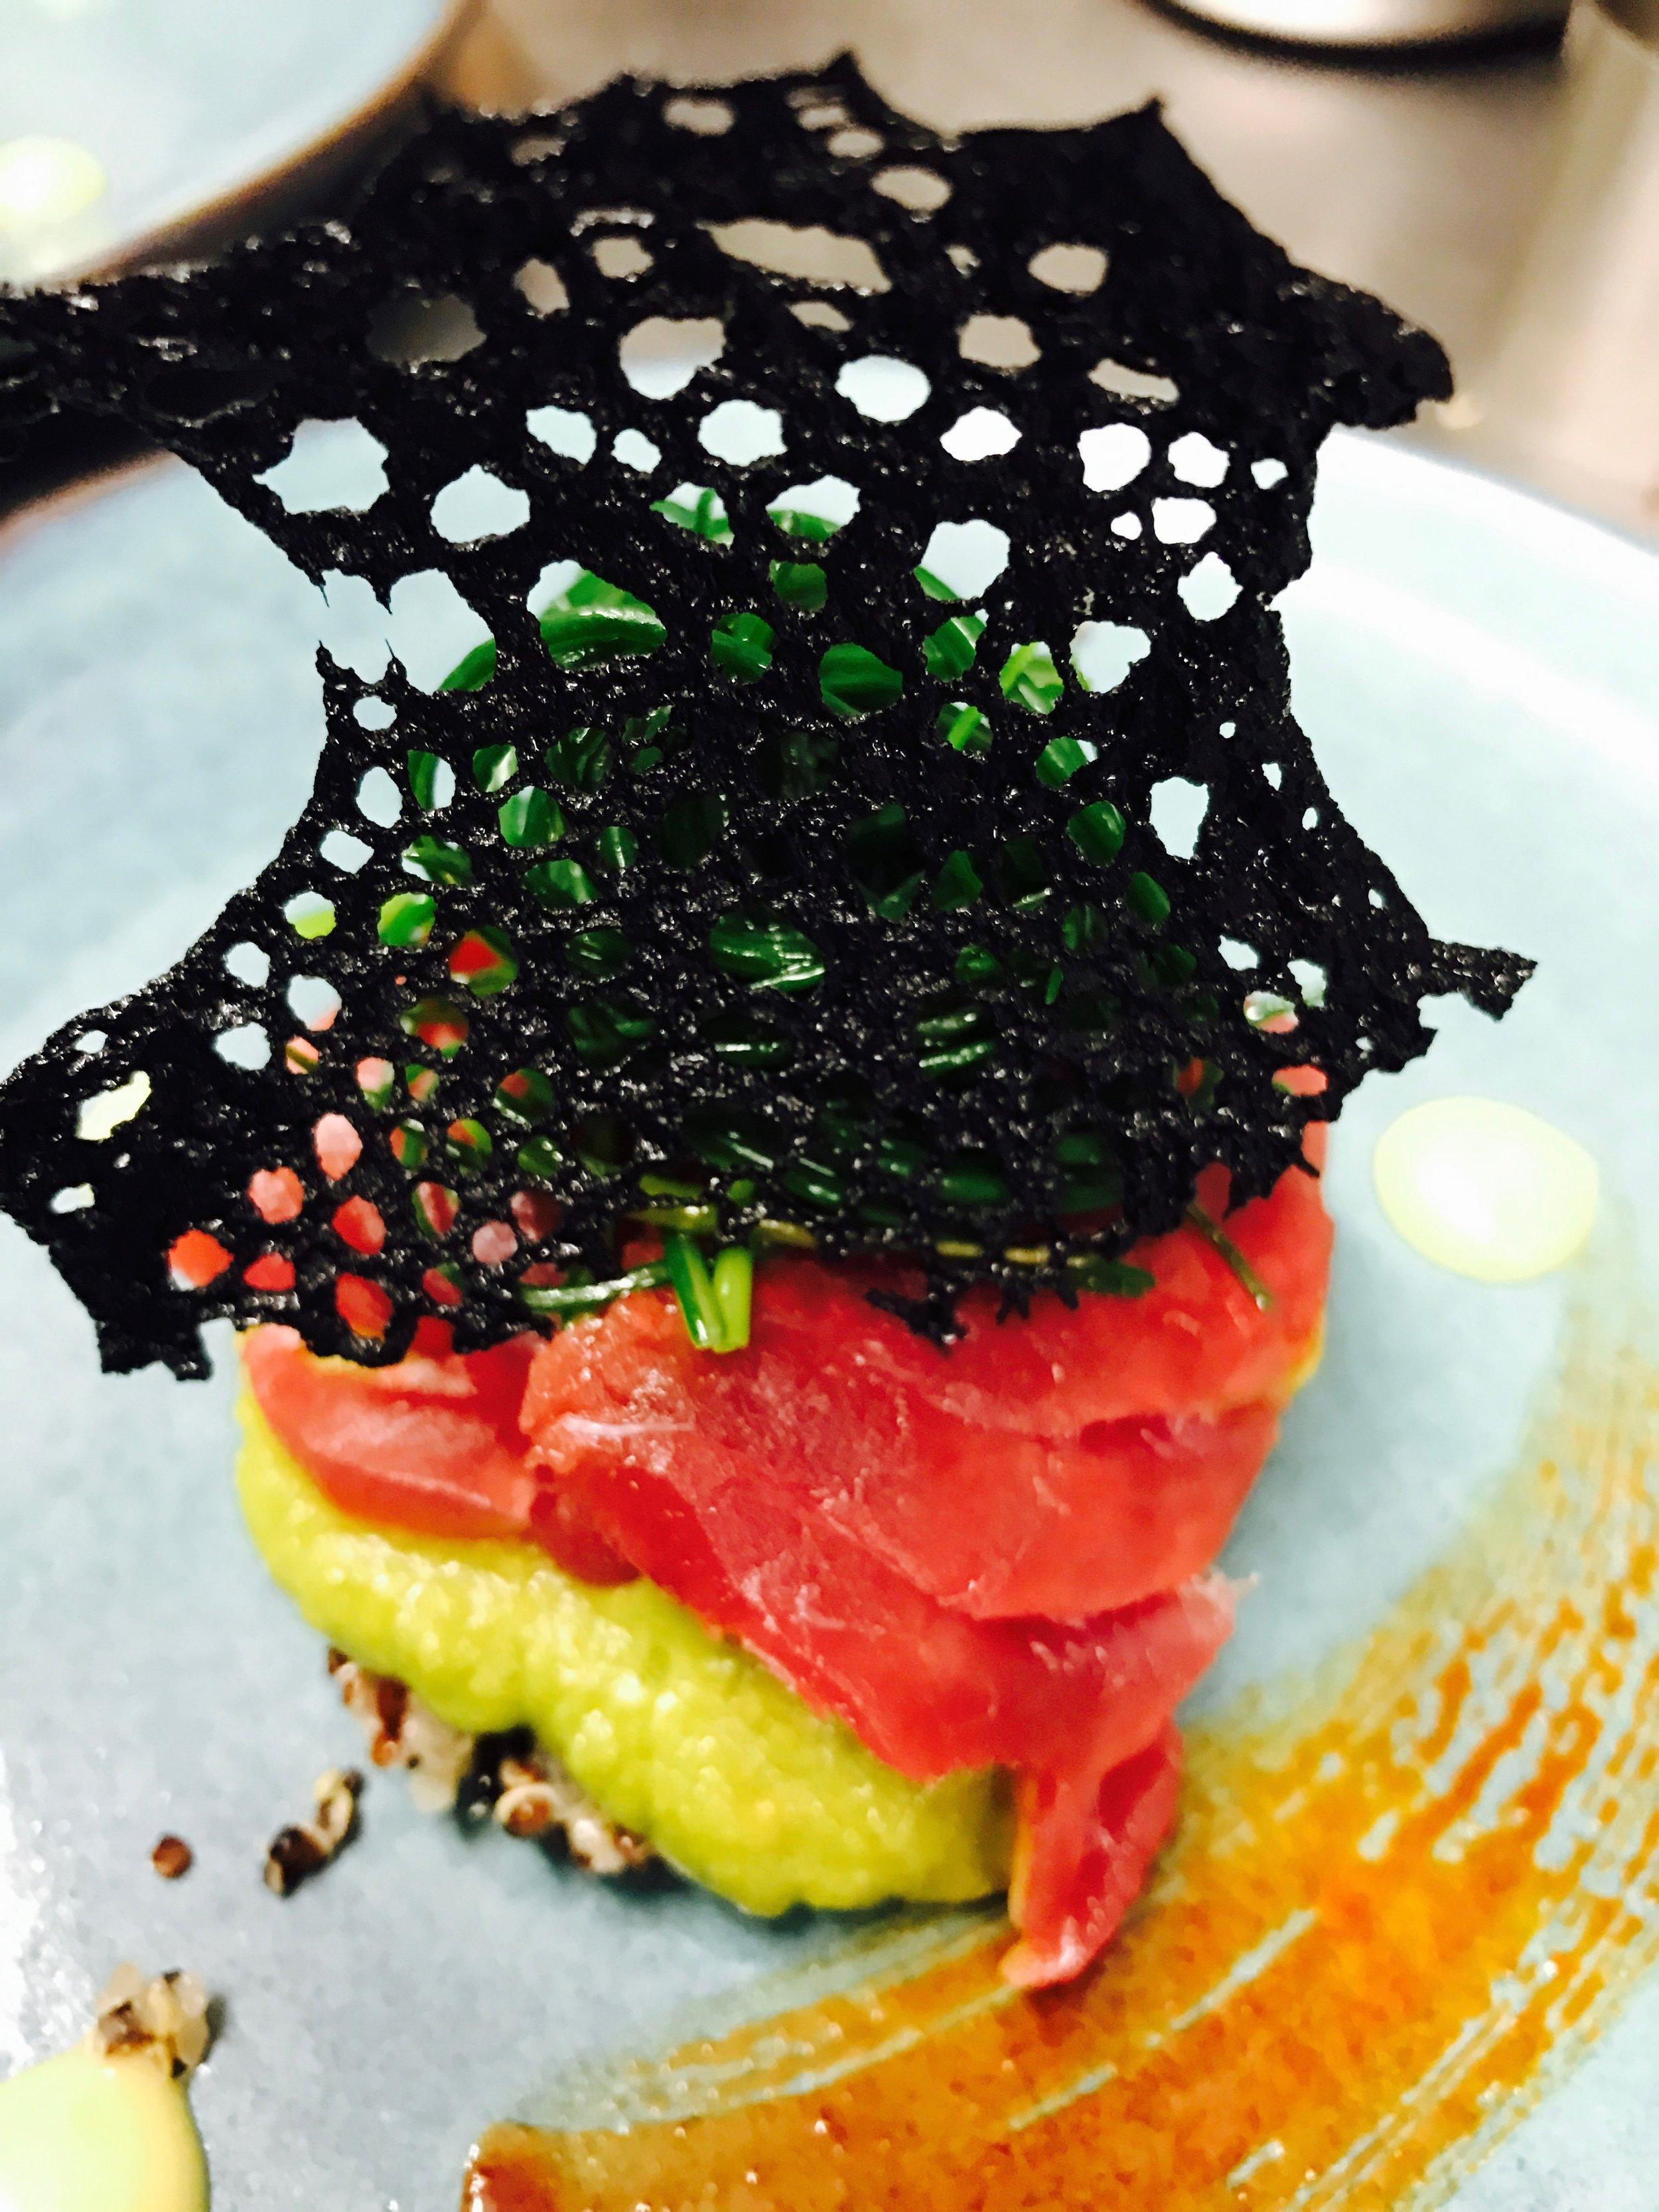 Thunfisch-schwarze Koralle.jpg